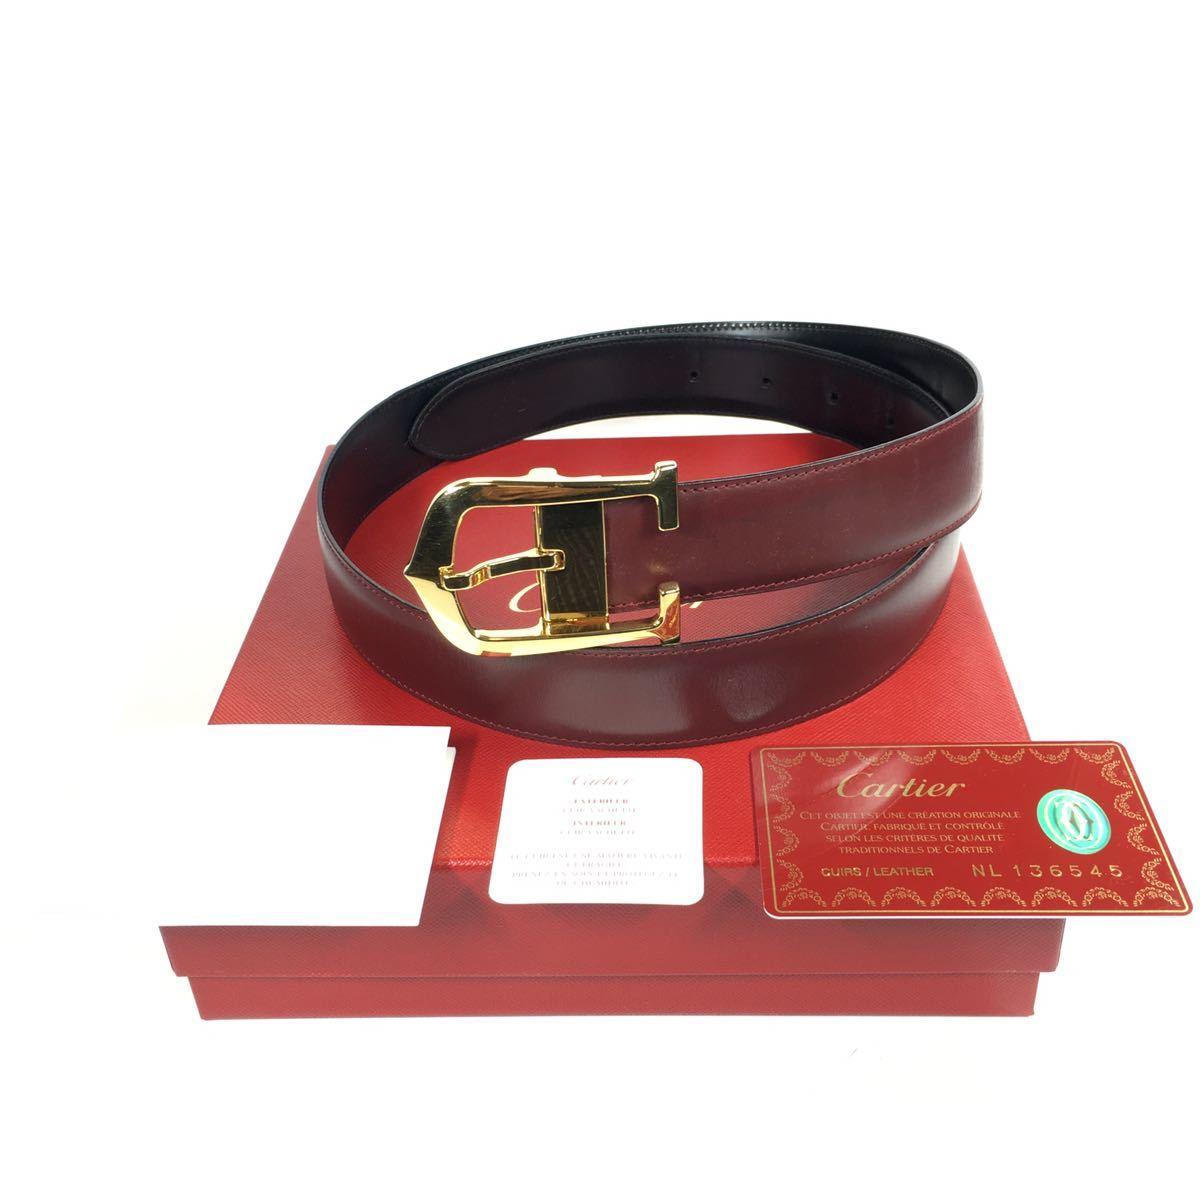 【カルティエ】本物 Cartier ベルト ロング C バックル アロンジェ 全長99cm 幅3cm メンズ サイズ調整可能 箱 ギャランティ有り 送料520円_画像3